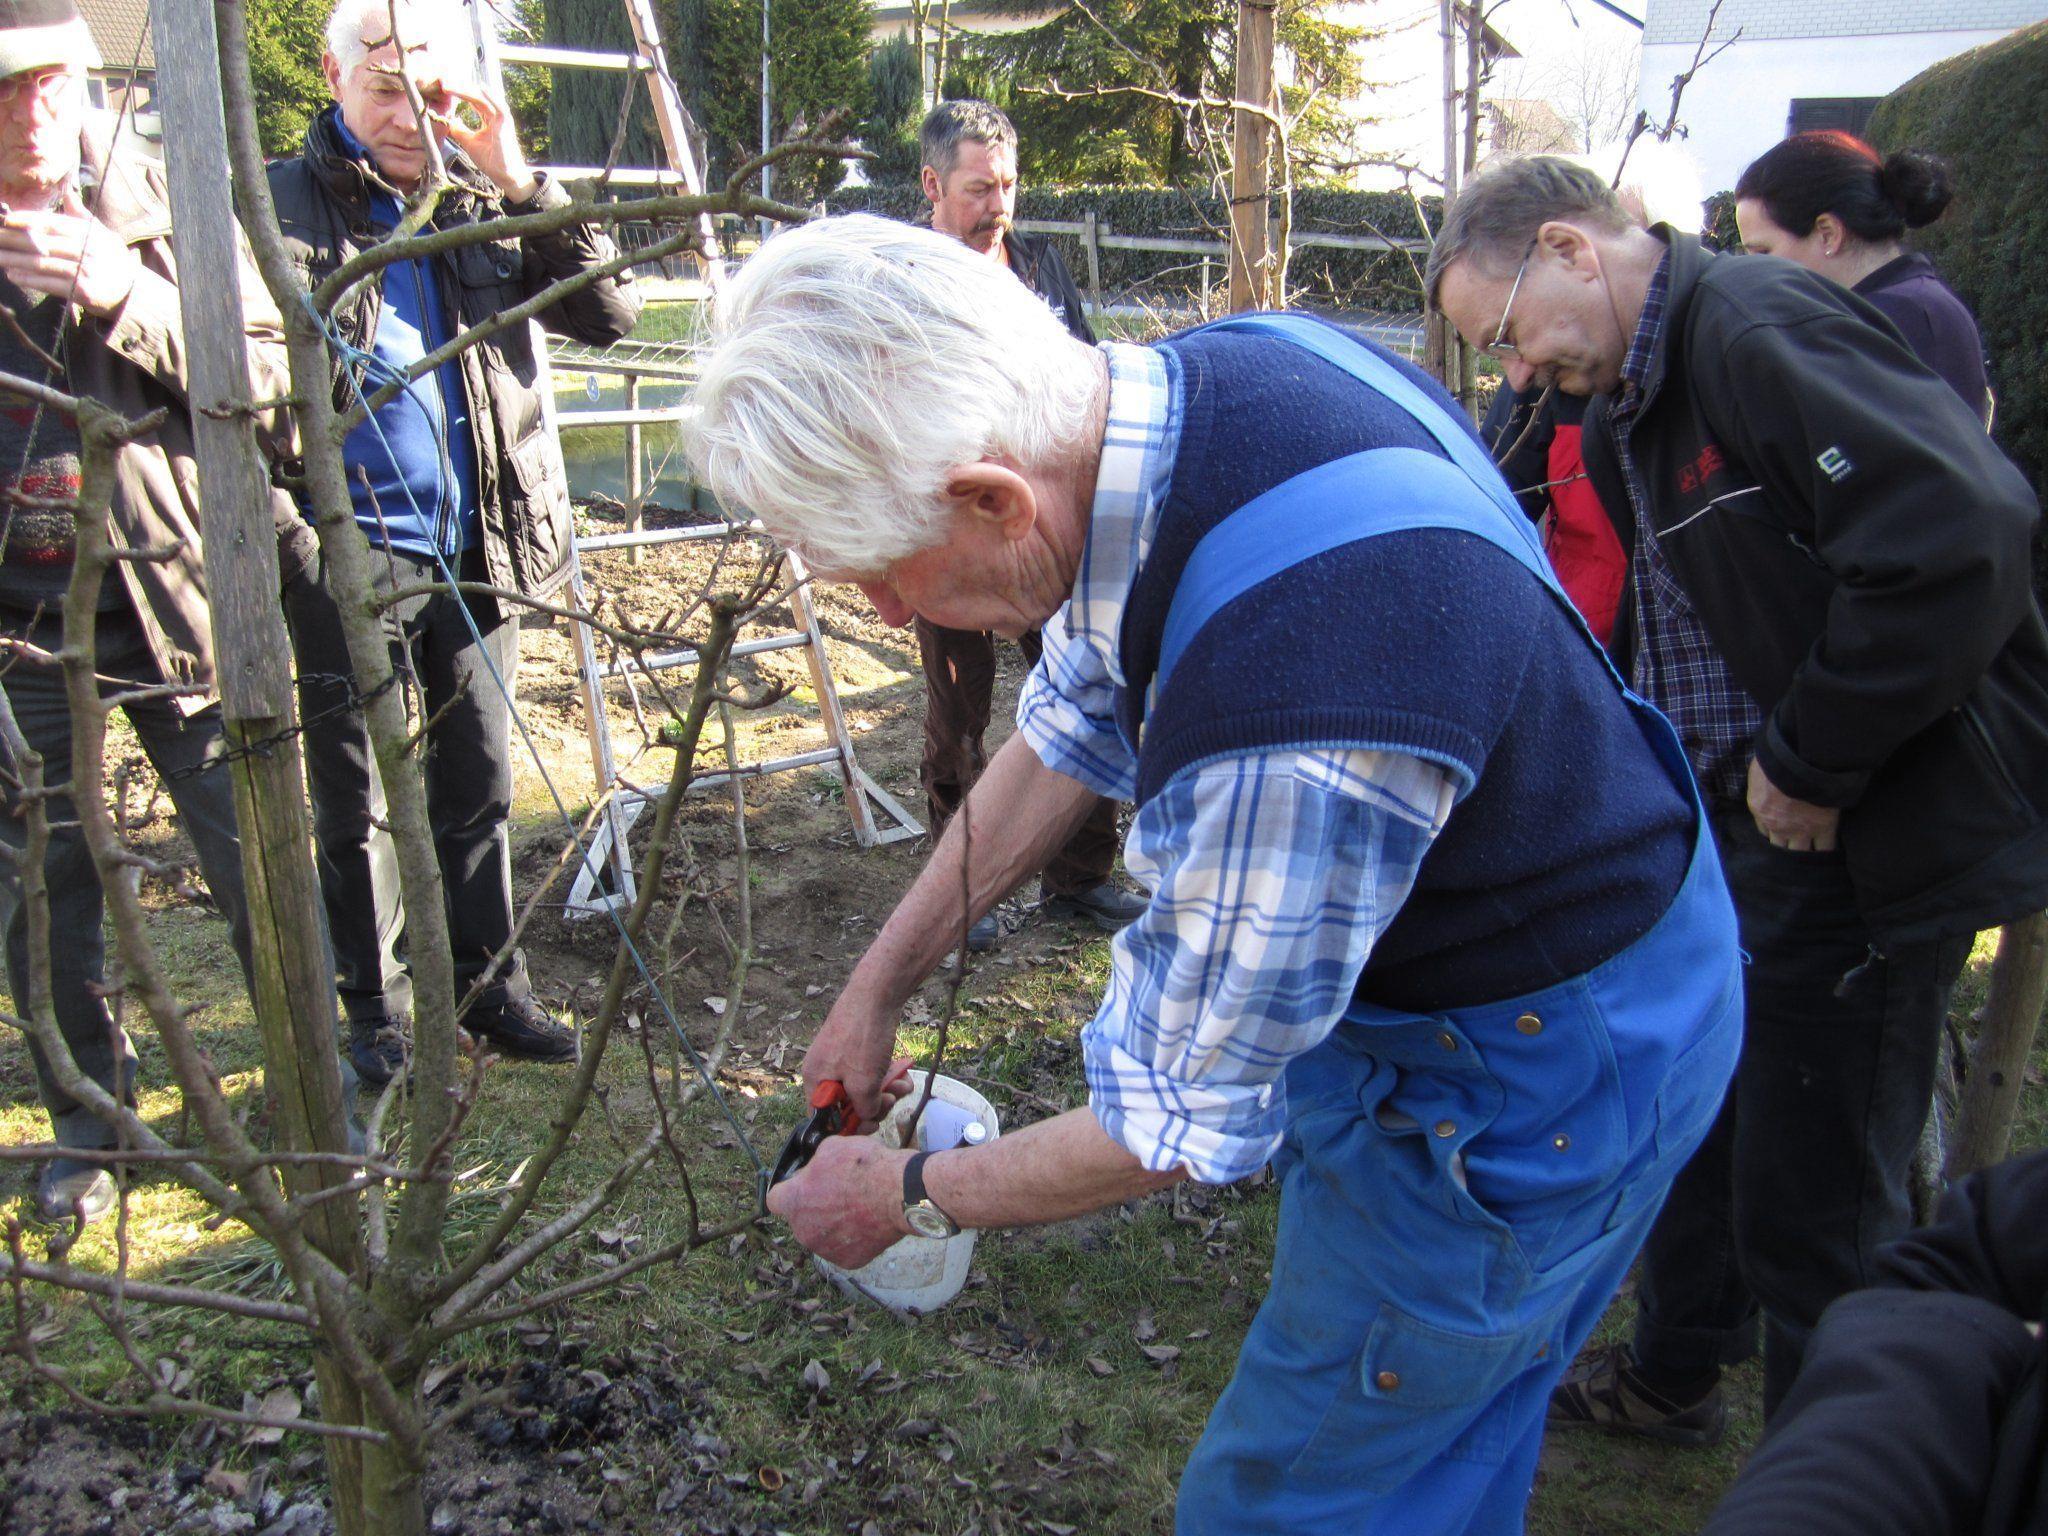 Wie man Bäume richtig schneidet, zeigte Baumwärter Ernst Schmoranz beim Baumschnittkurs